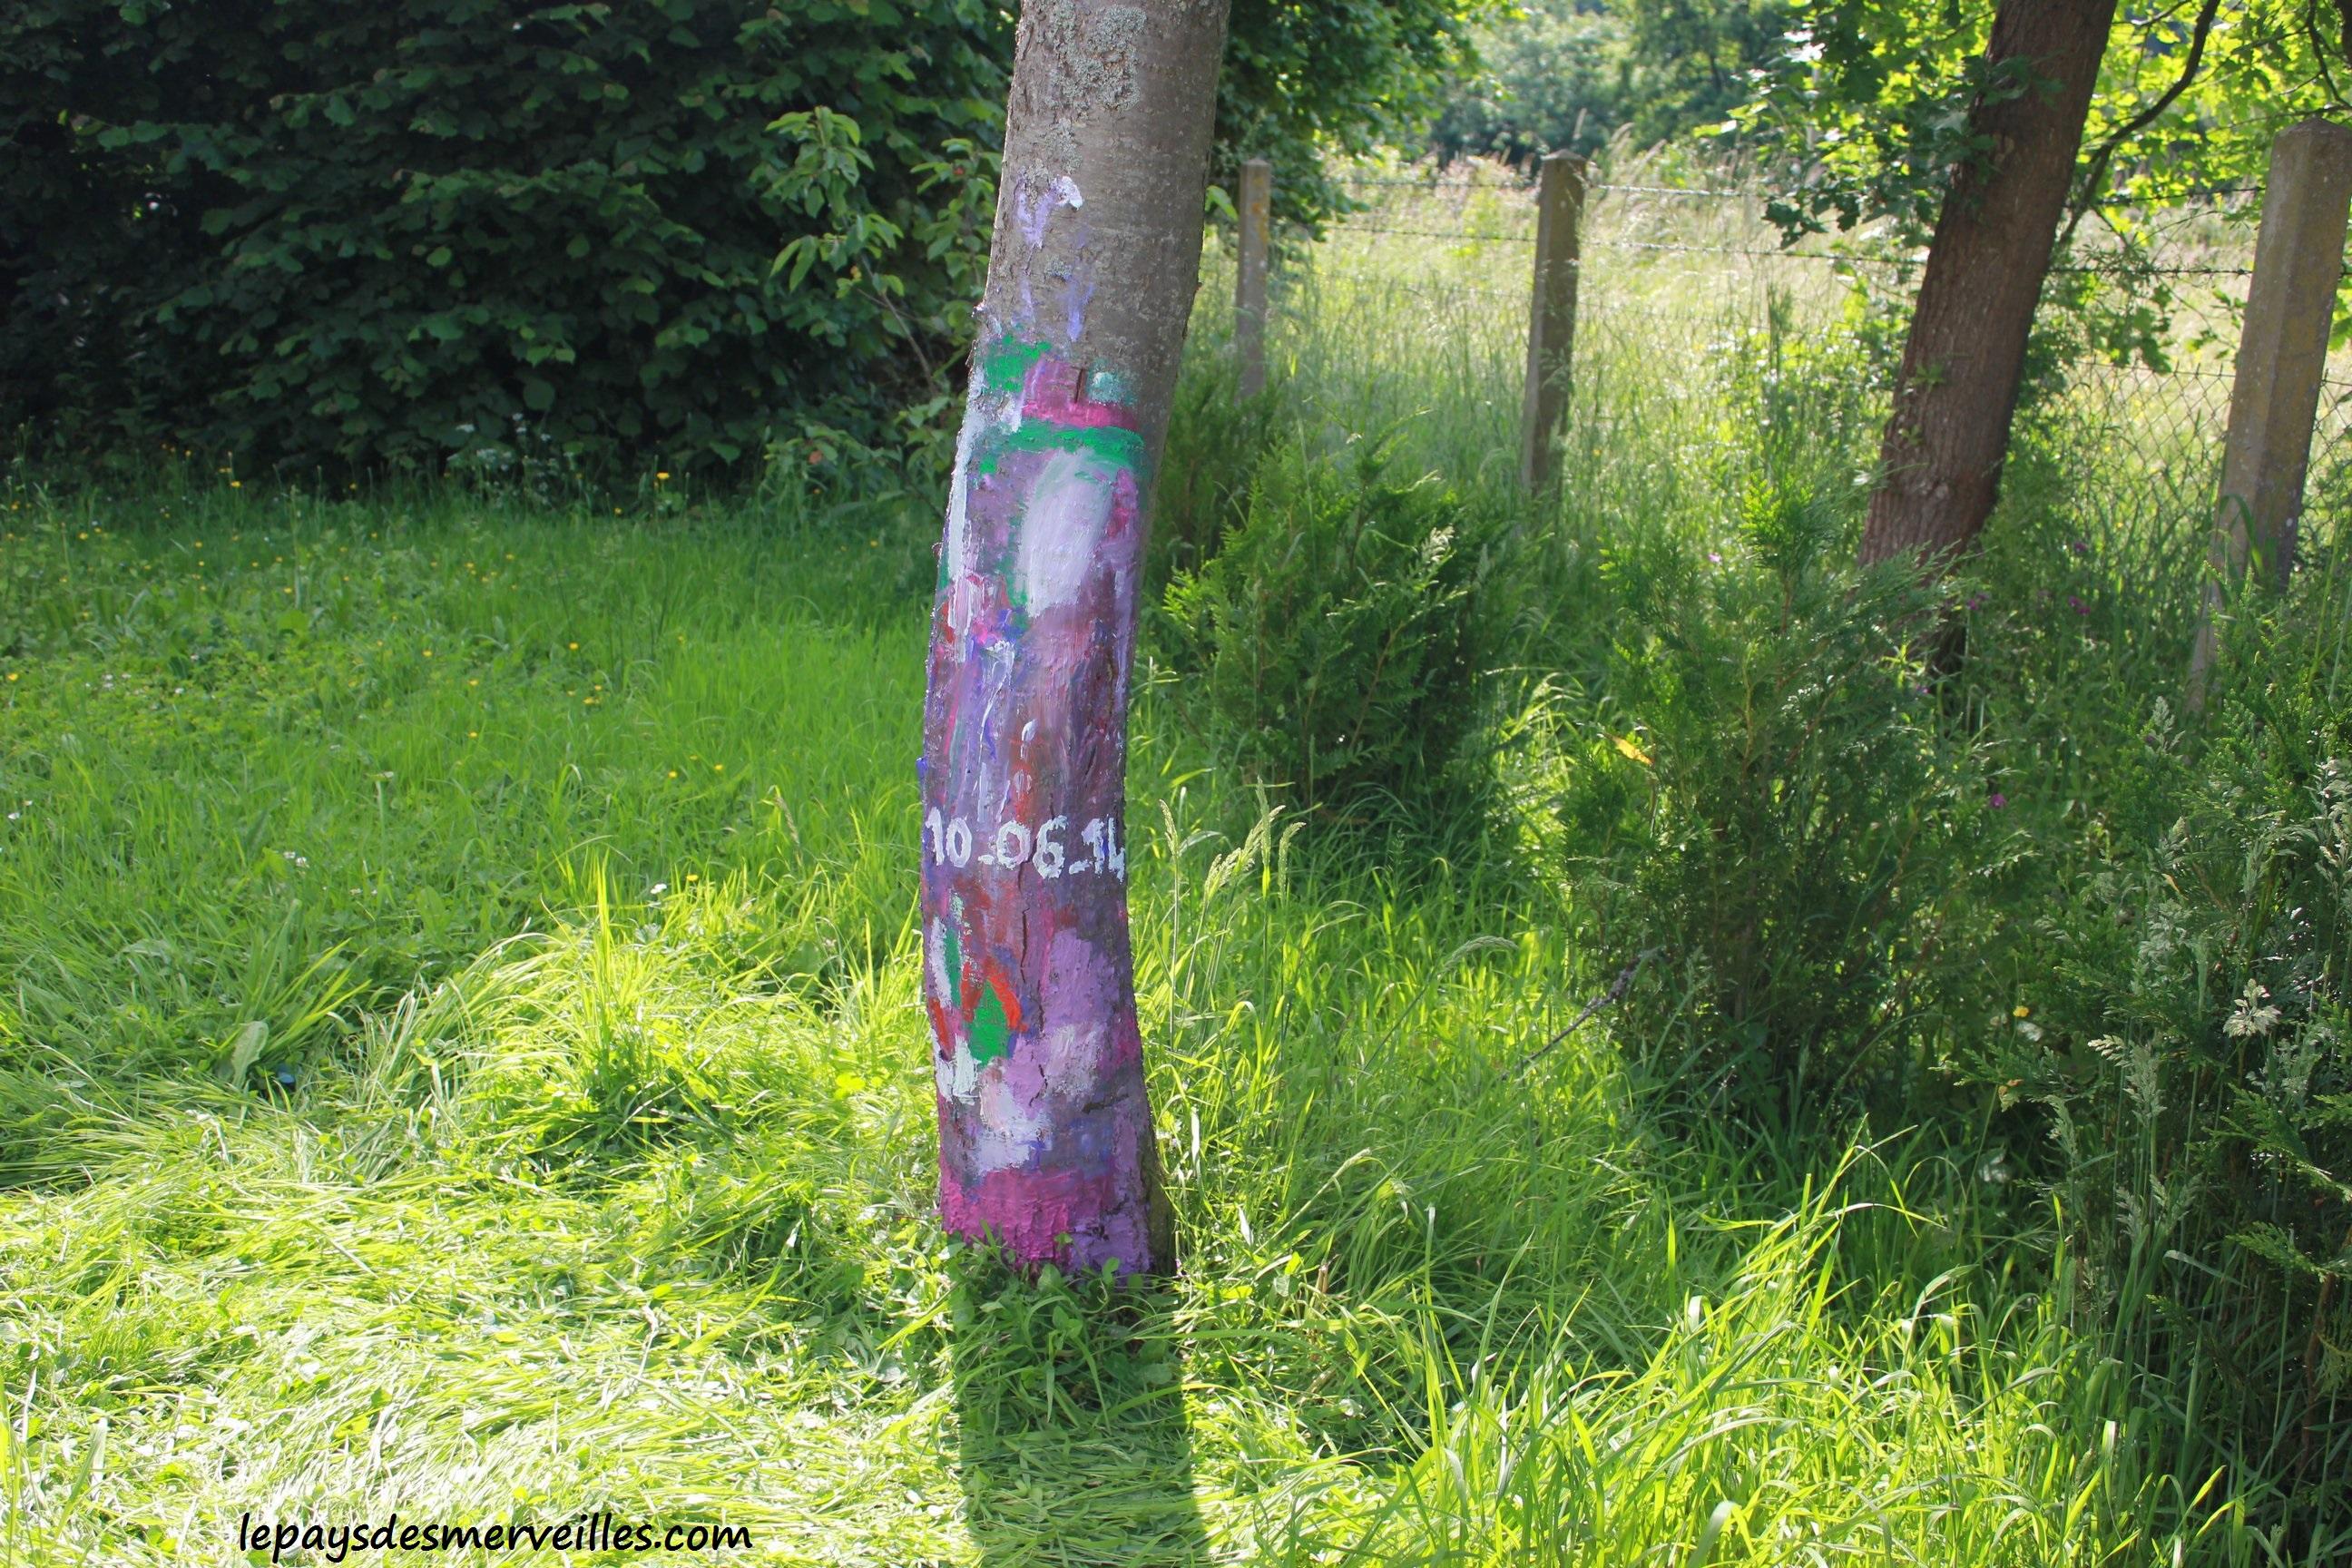 Mettre de la couleur dans le jardin en peignant un arbre for Peinture phosphorescente exterieur